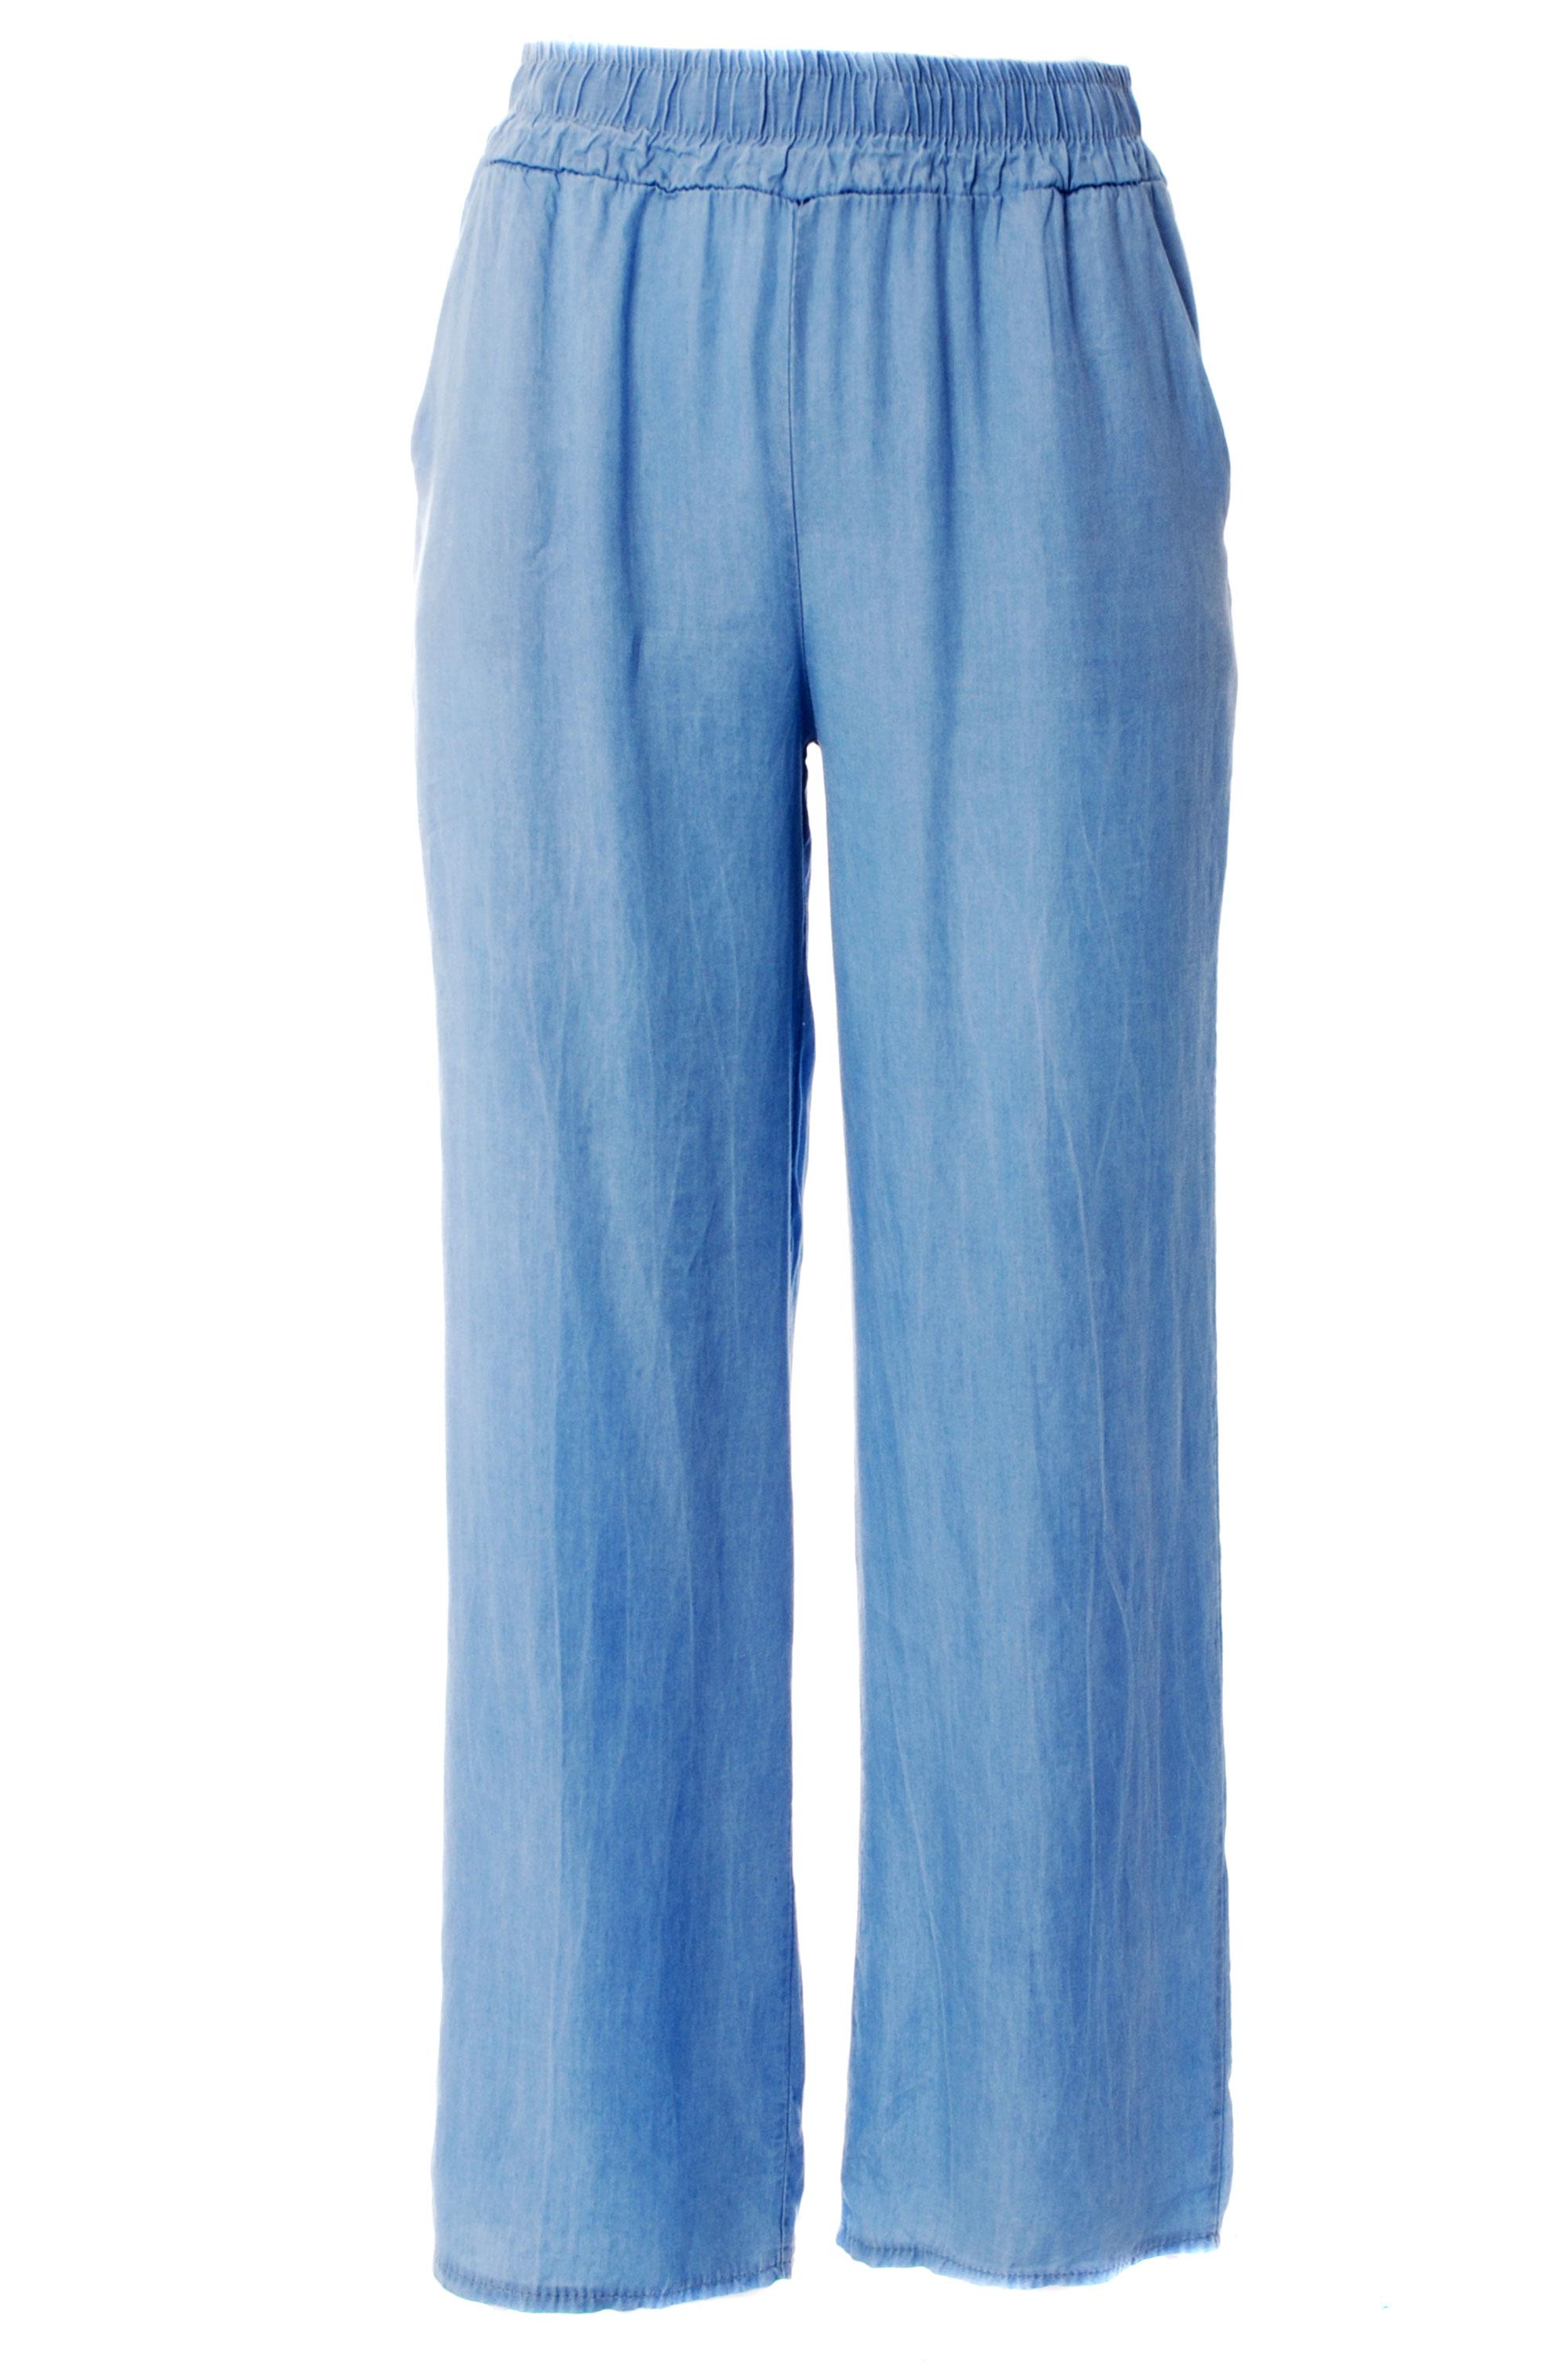 Spodnie - 73-16215 JECH - Unisono